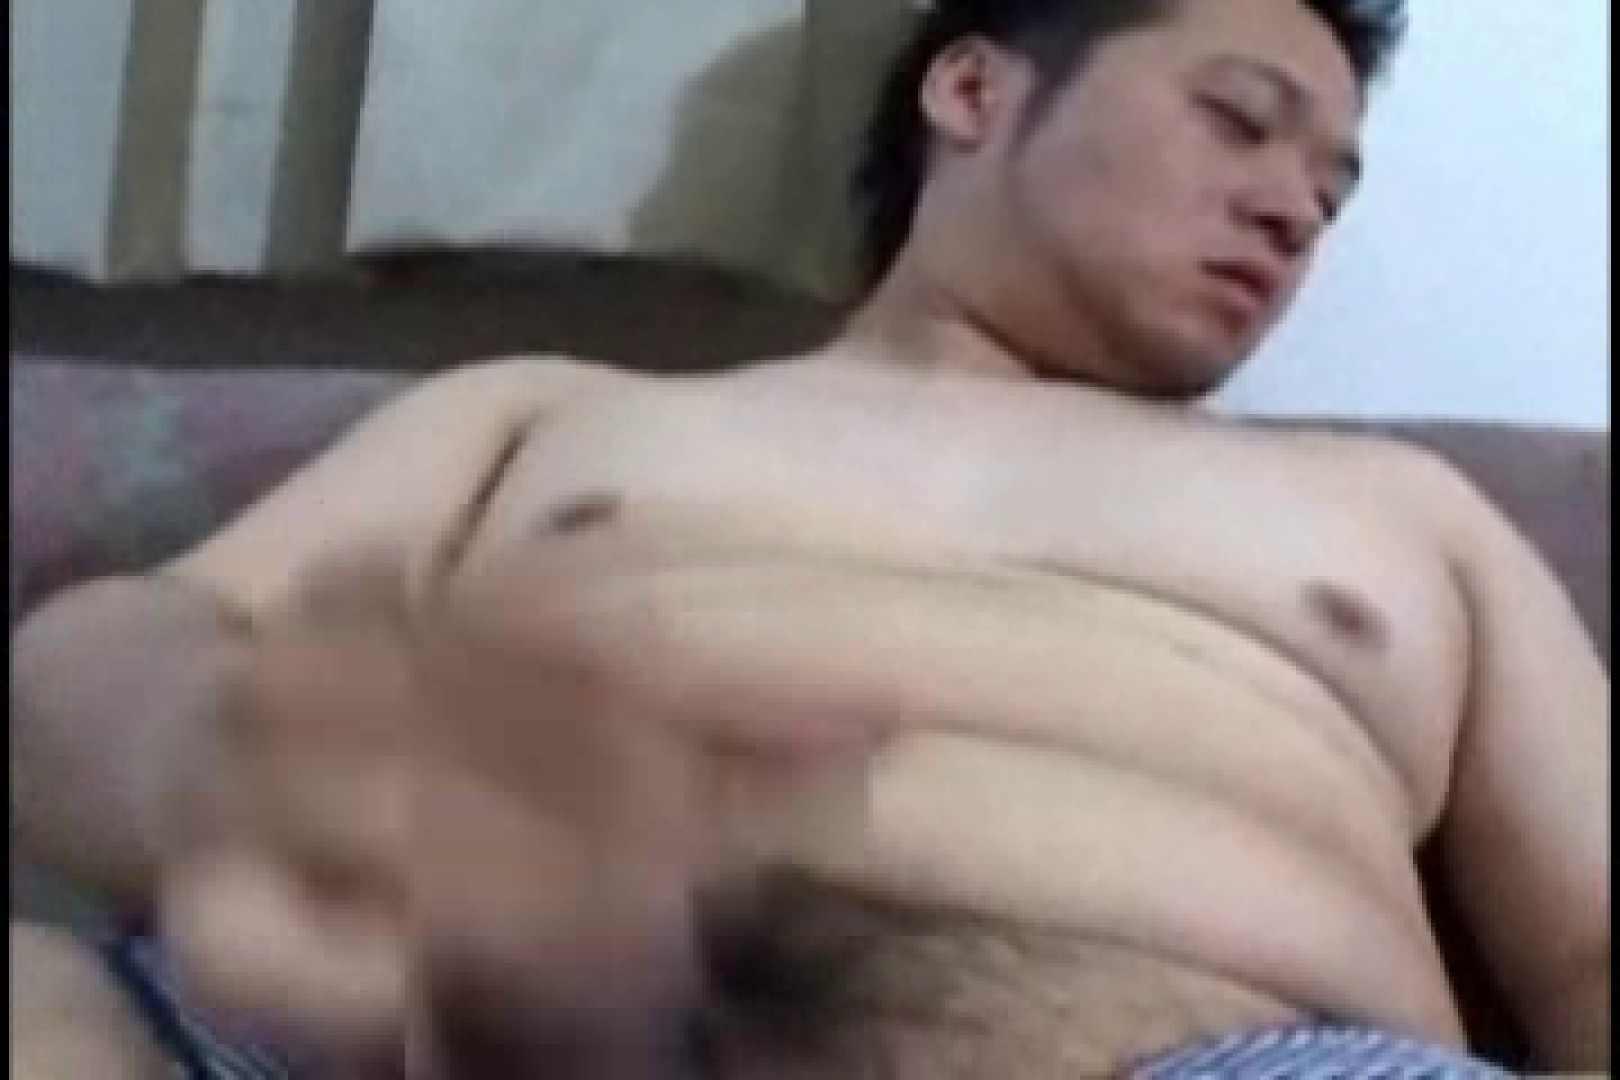 小太りボーイの孫の手オナニー 入浴・シャワー ゲイAV画像 69枚 48